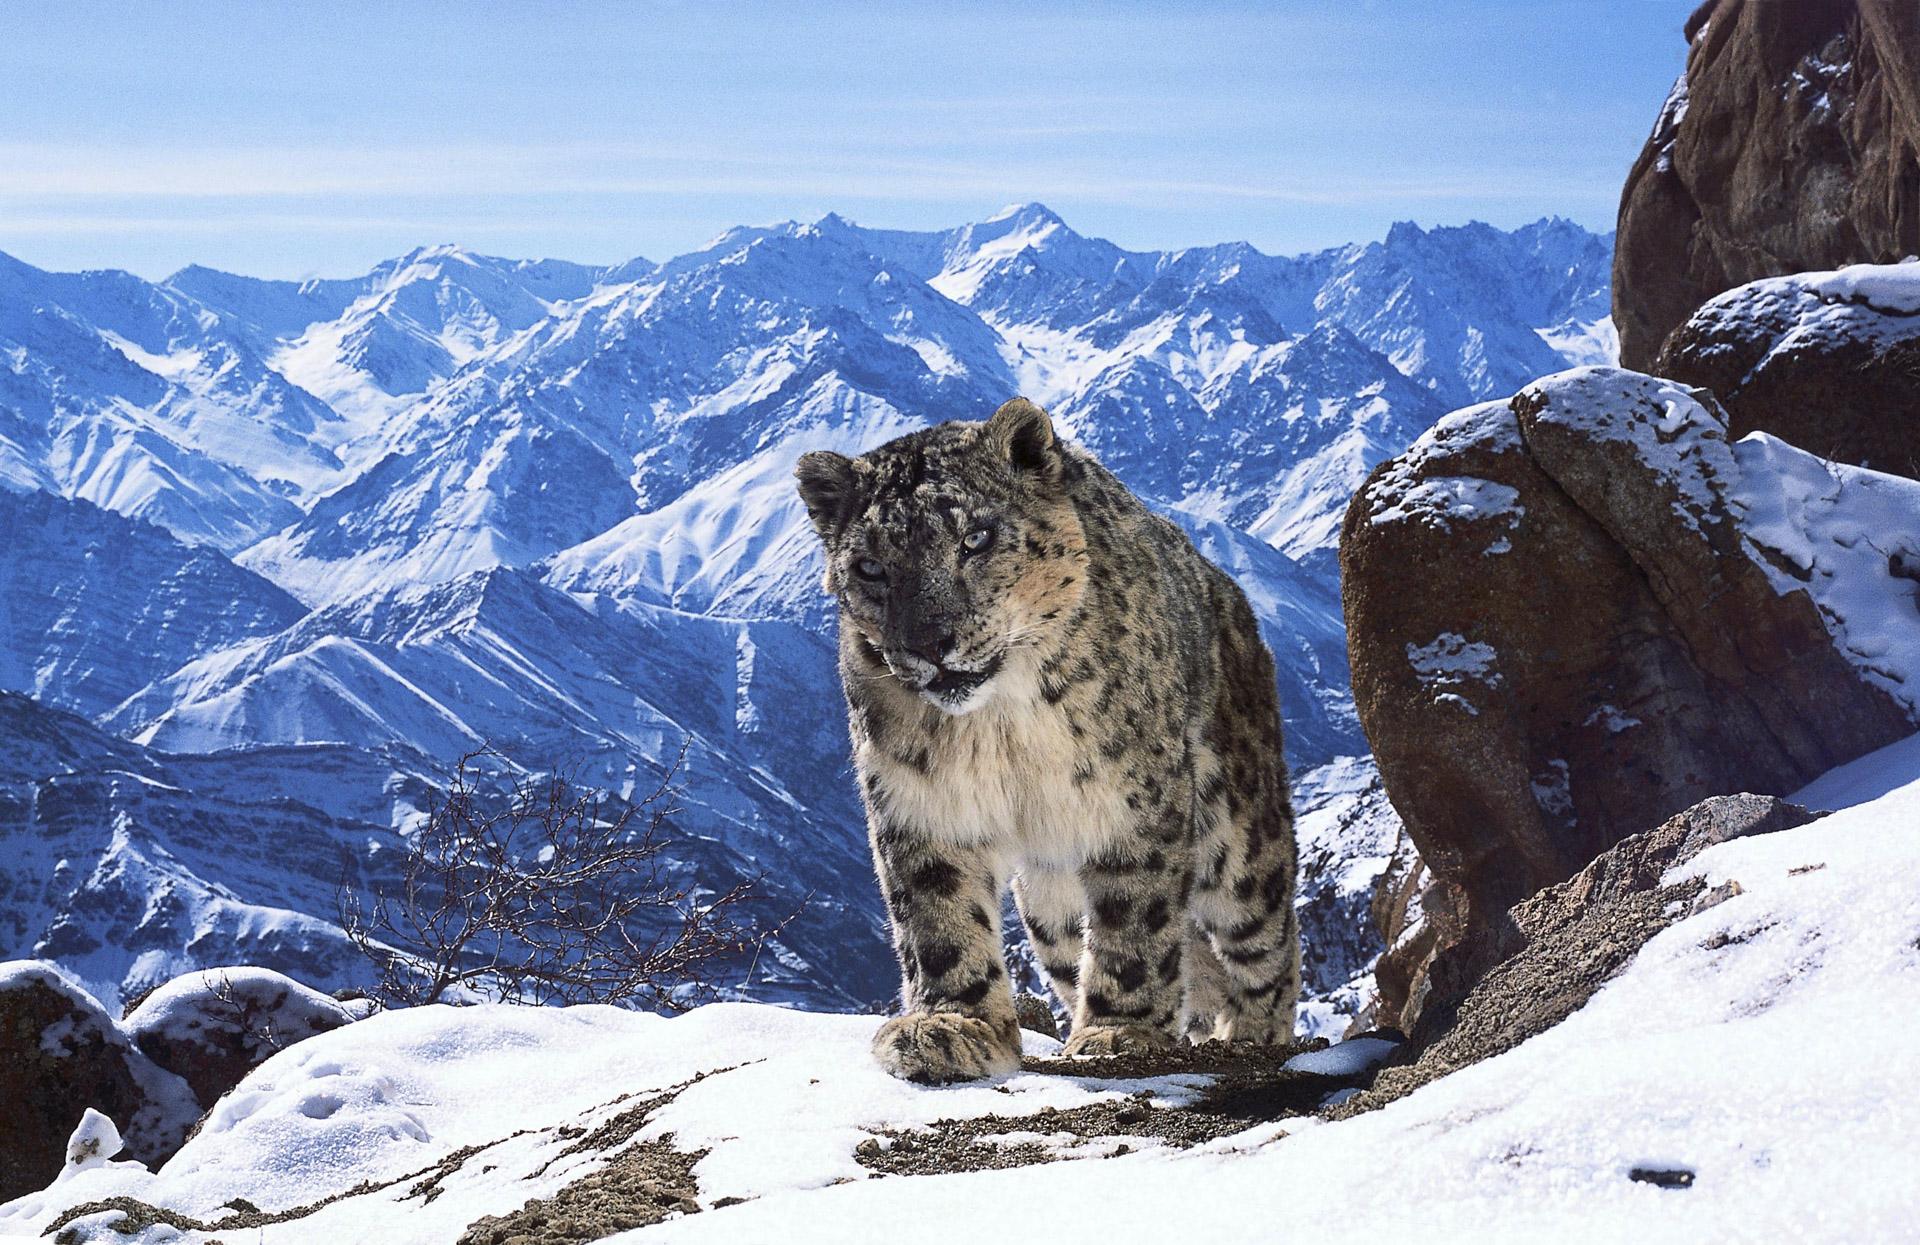 peii_mountains_03-credit_copyright-david-willis-2016-1